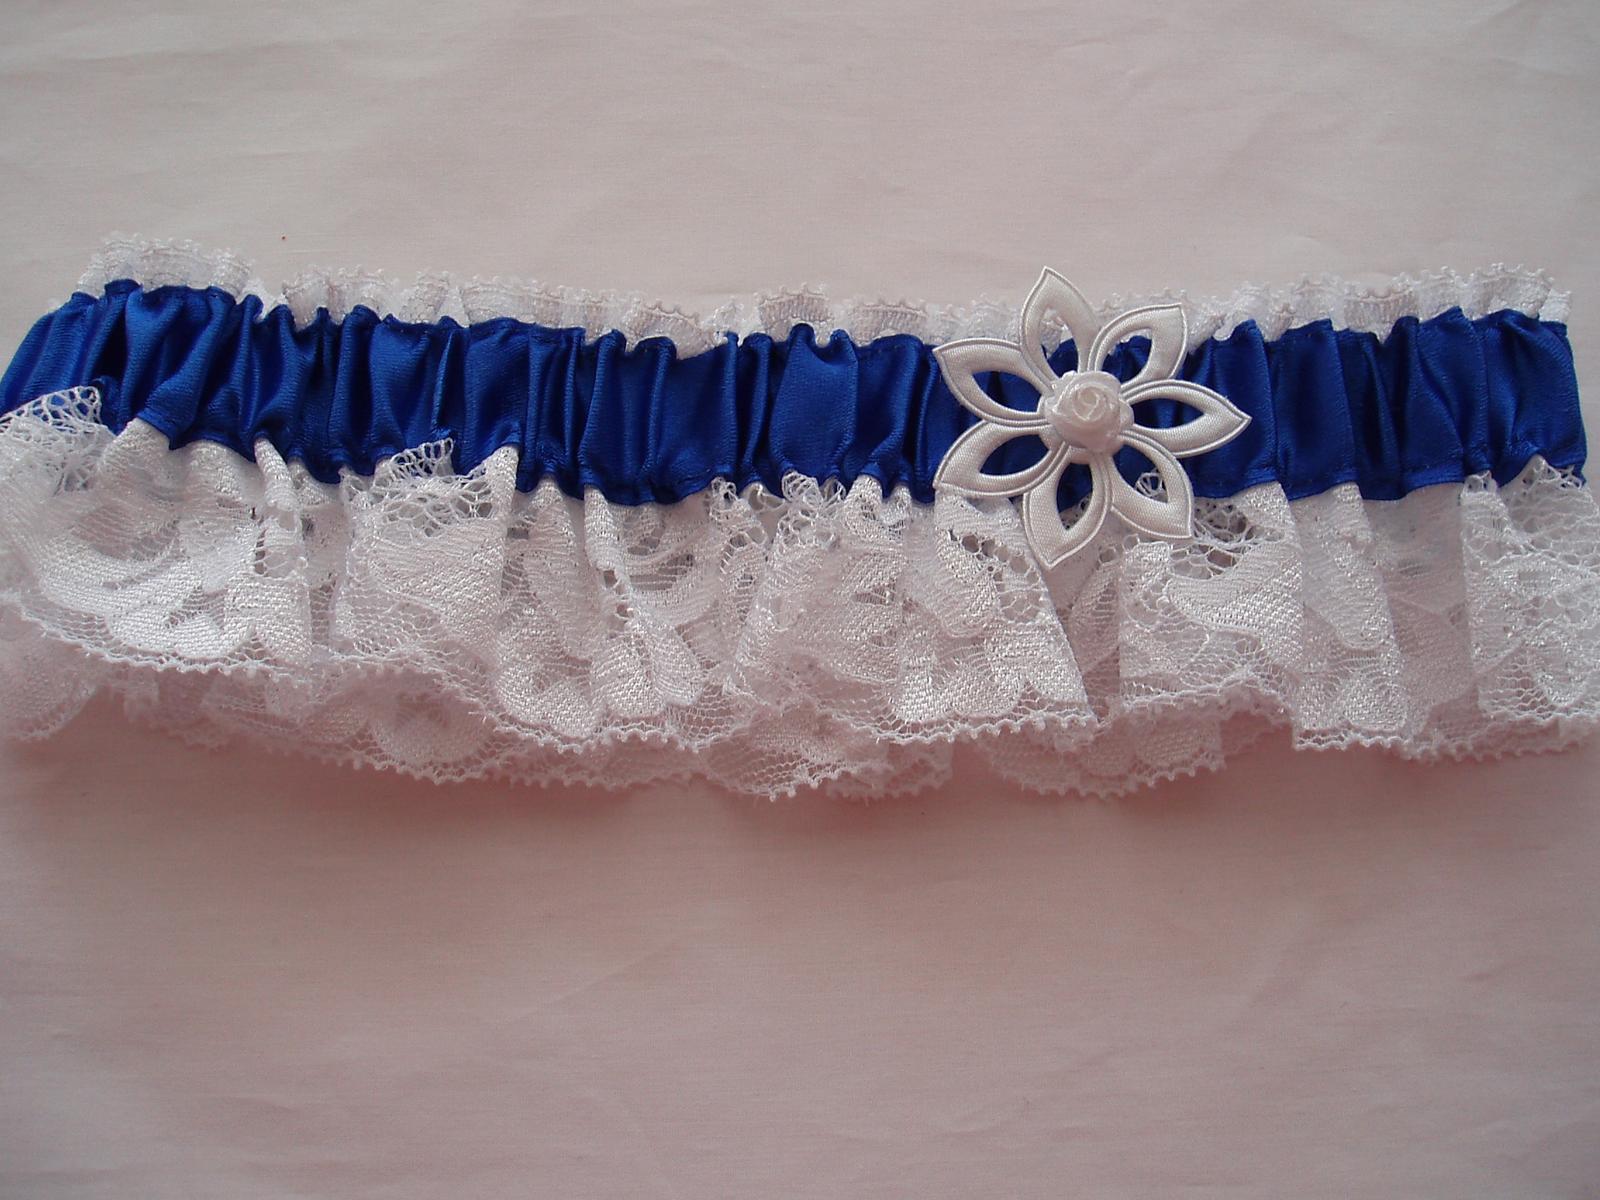 podvazek modrý - Obrázek č. 2